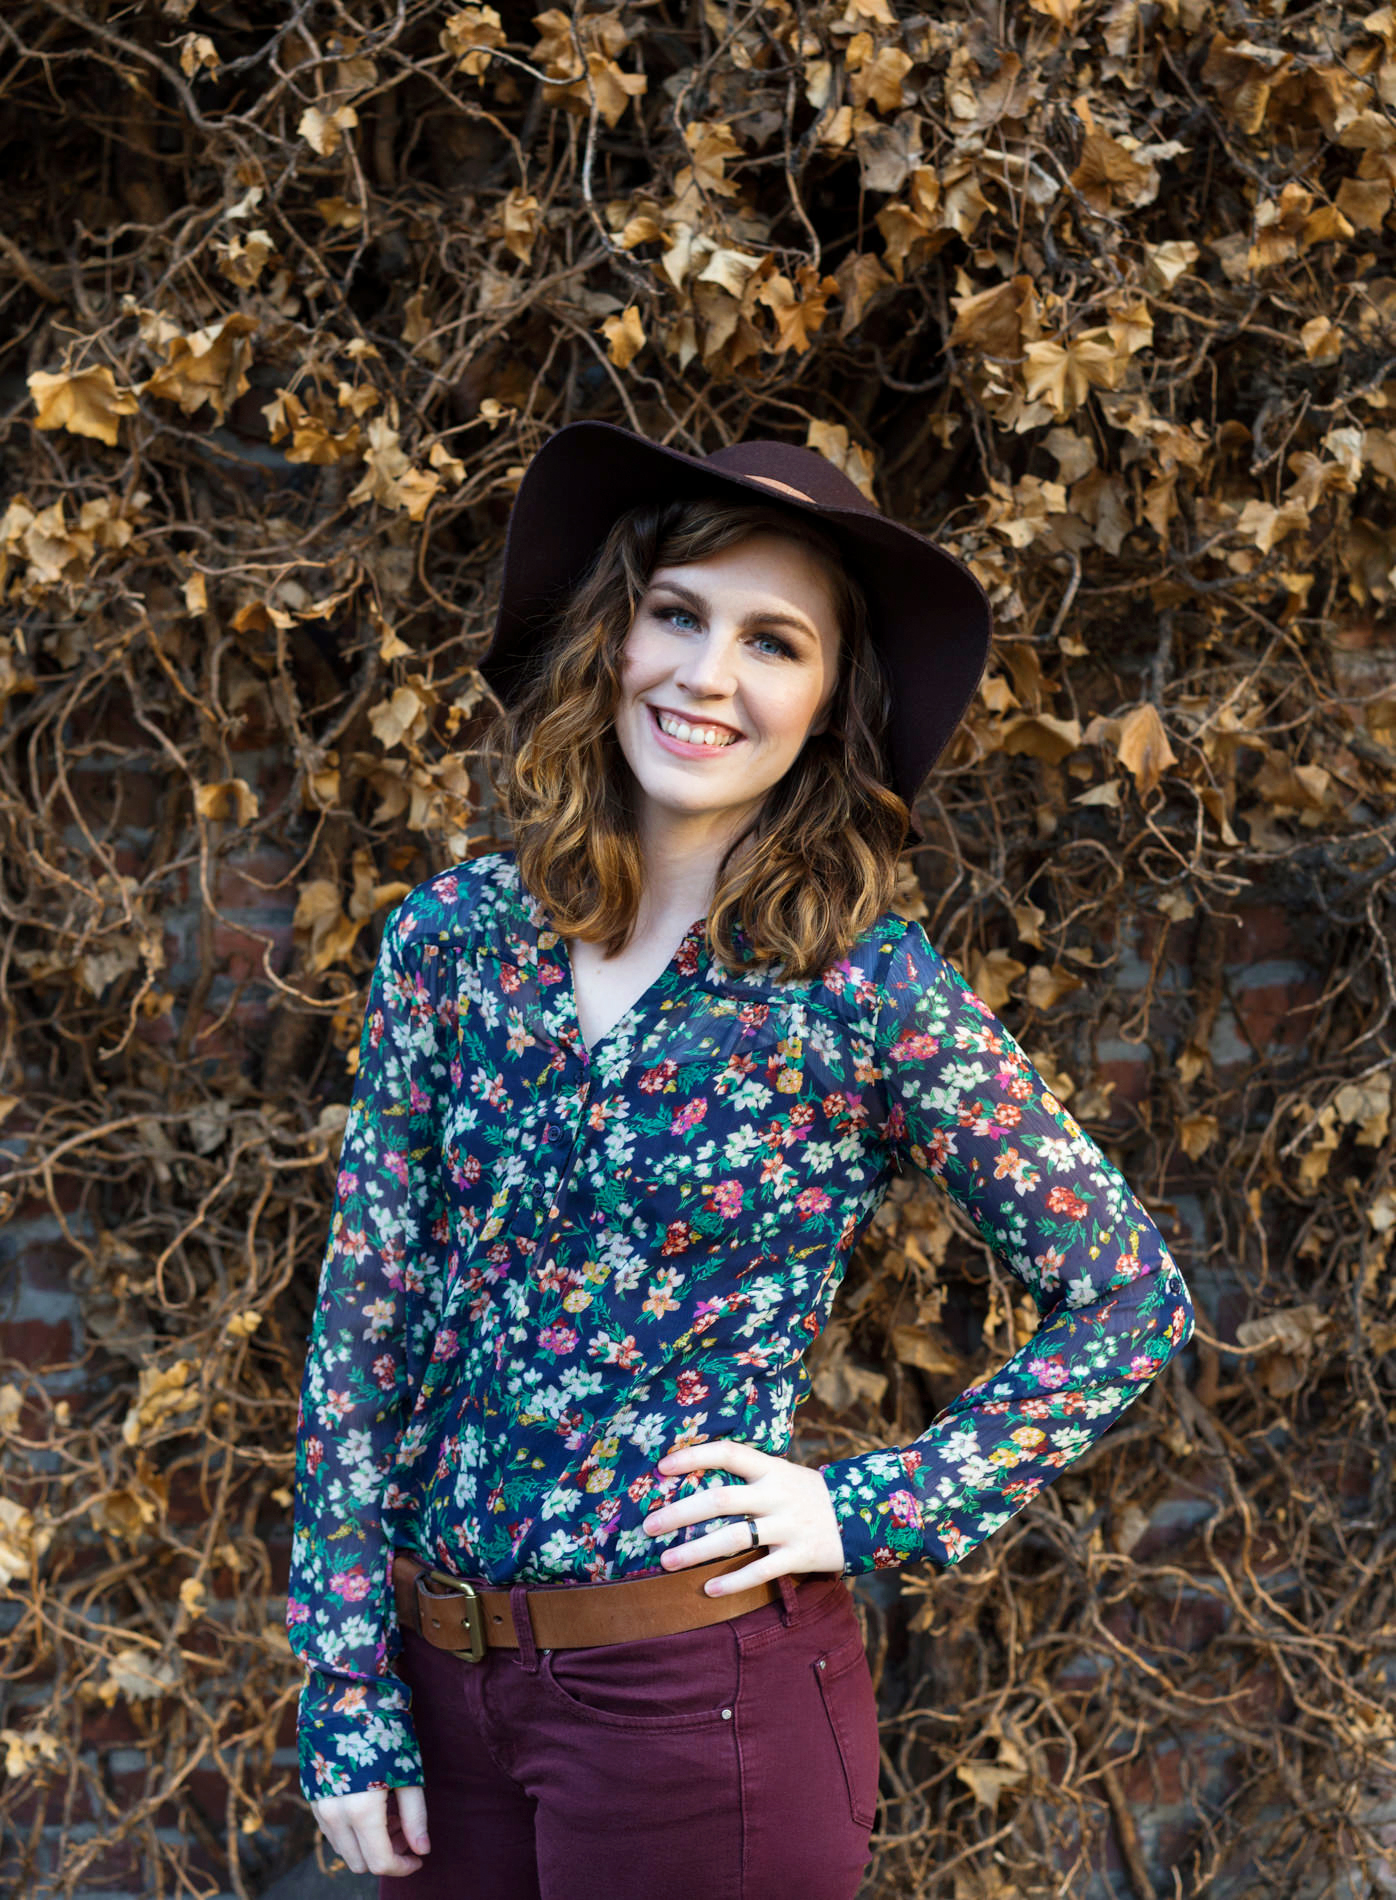 HaleyMcLain-MeganPersonalBranding-14.jpg